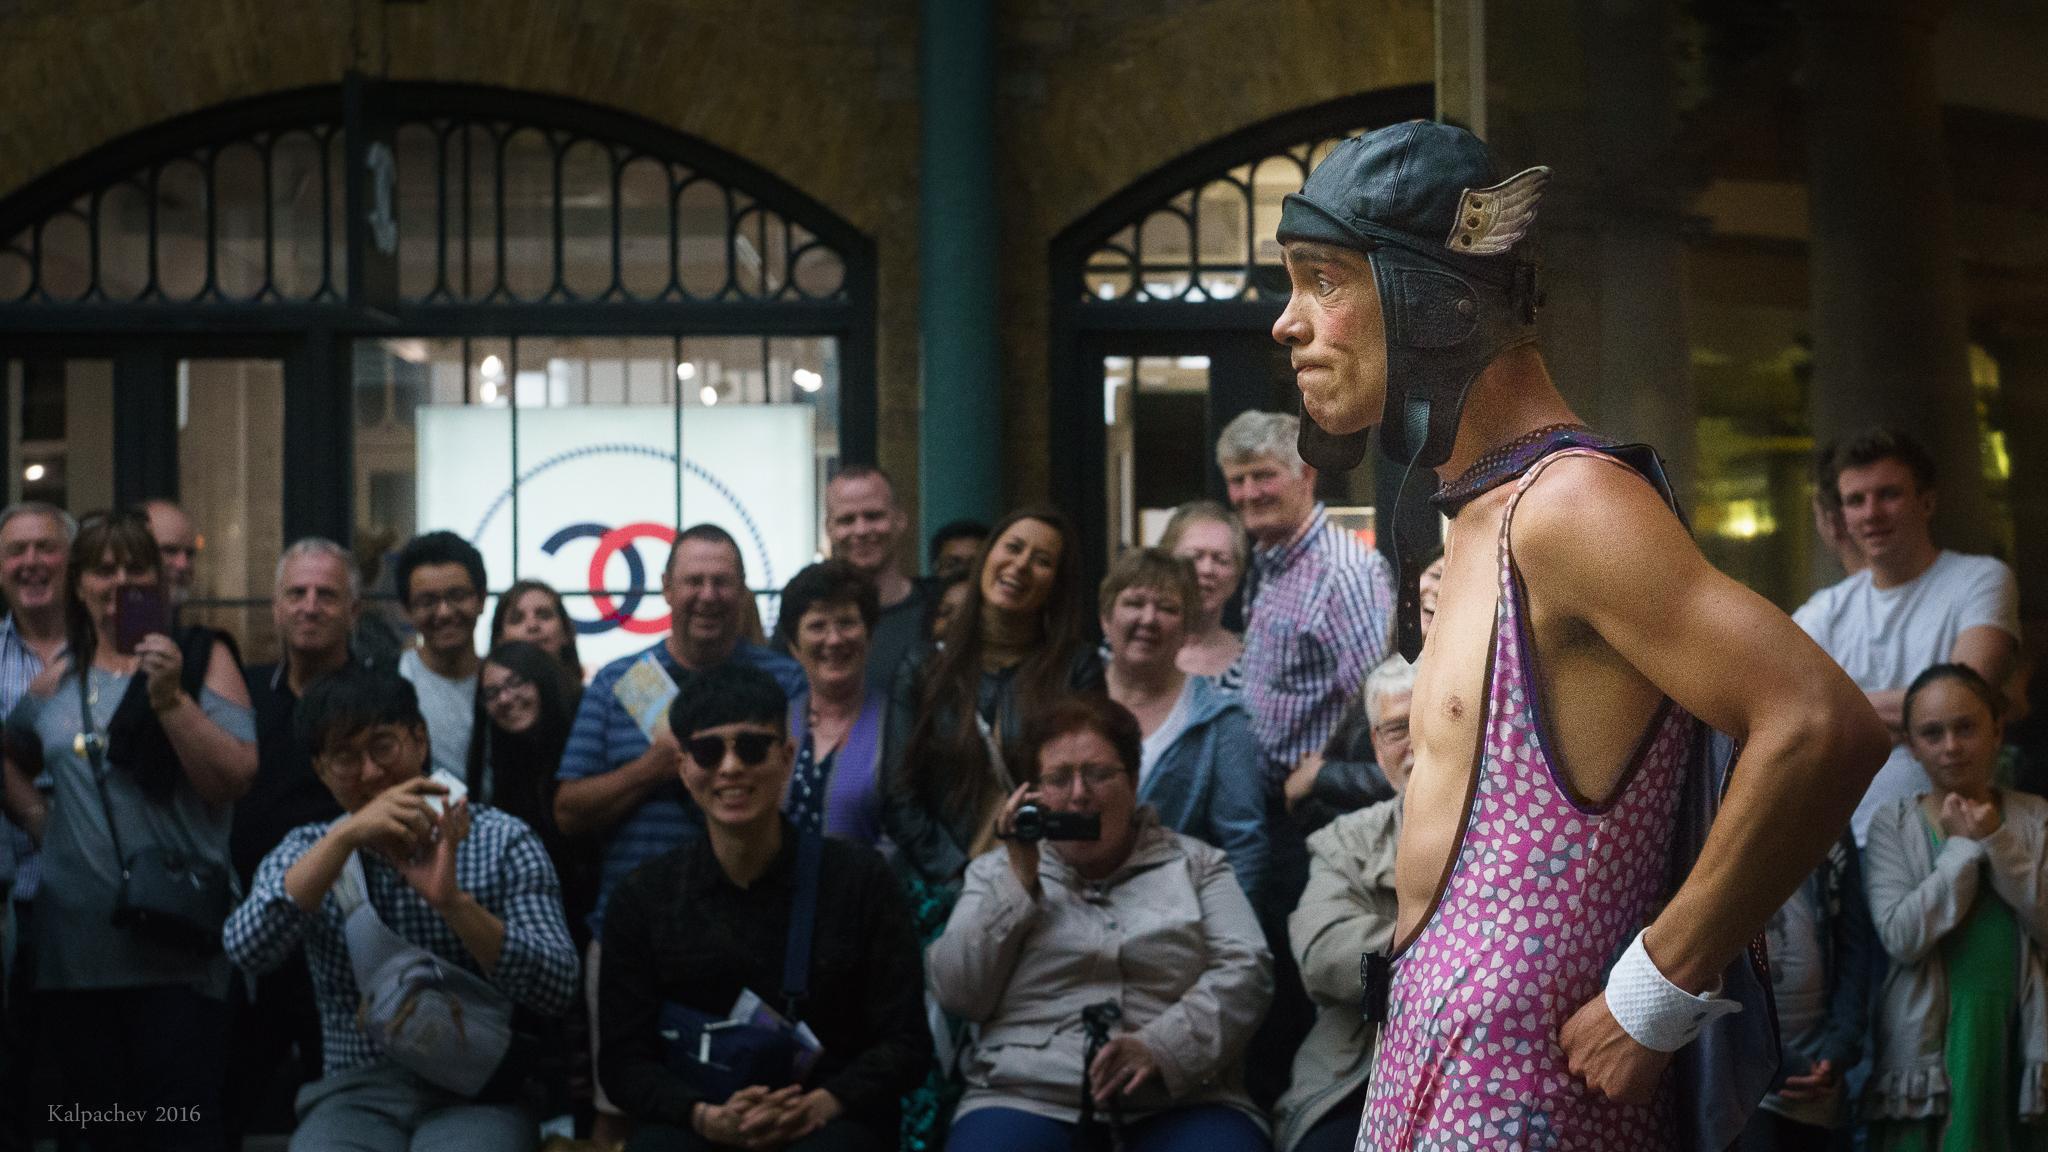 Thelmo Parole – Covent Garden London @thelmoparole